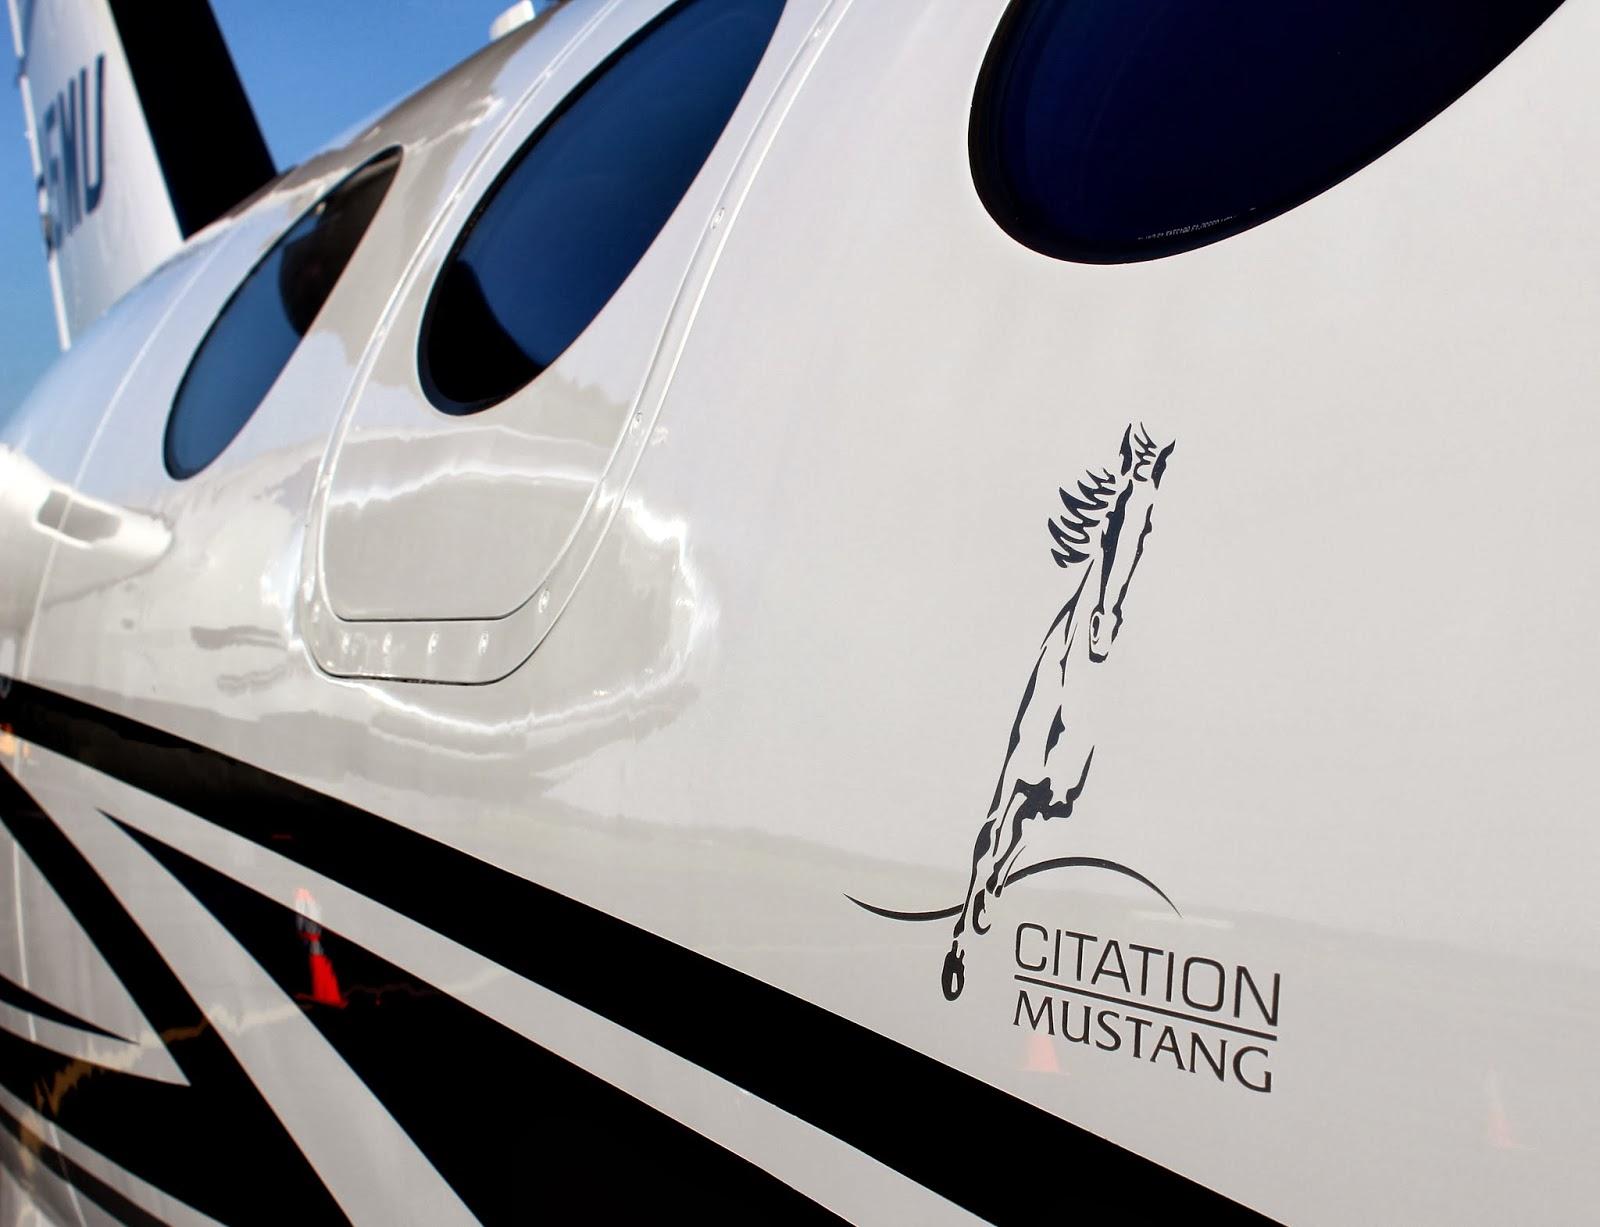 Image Result For Citation Mustang Rental